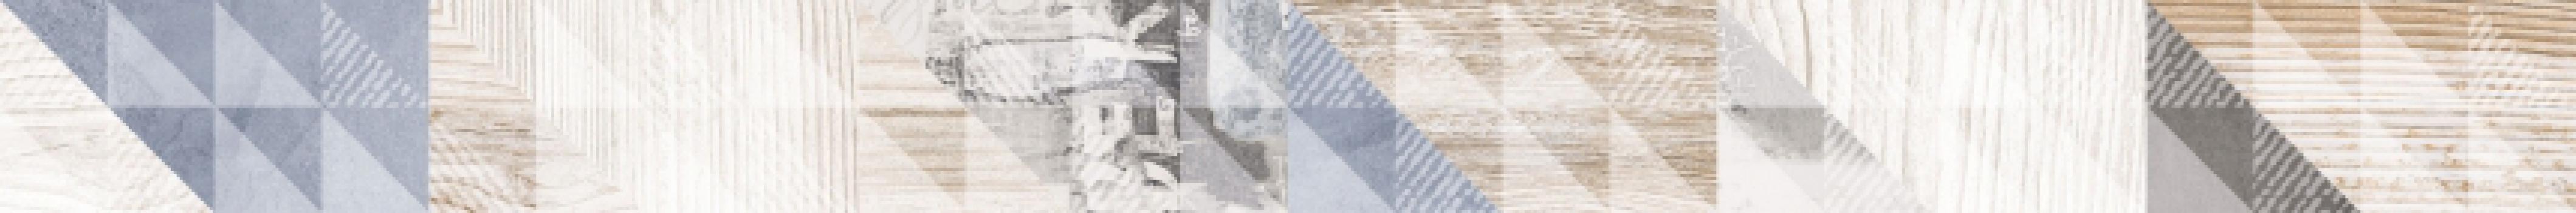 1506-0024 вестанвинд бордюр серый 5х60 настенный LASSELSBERGER | LB Ceramica